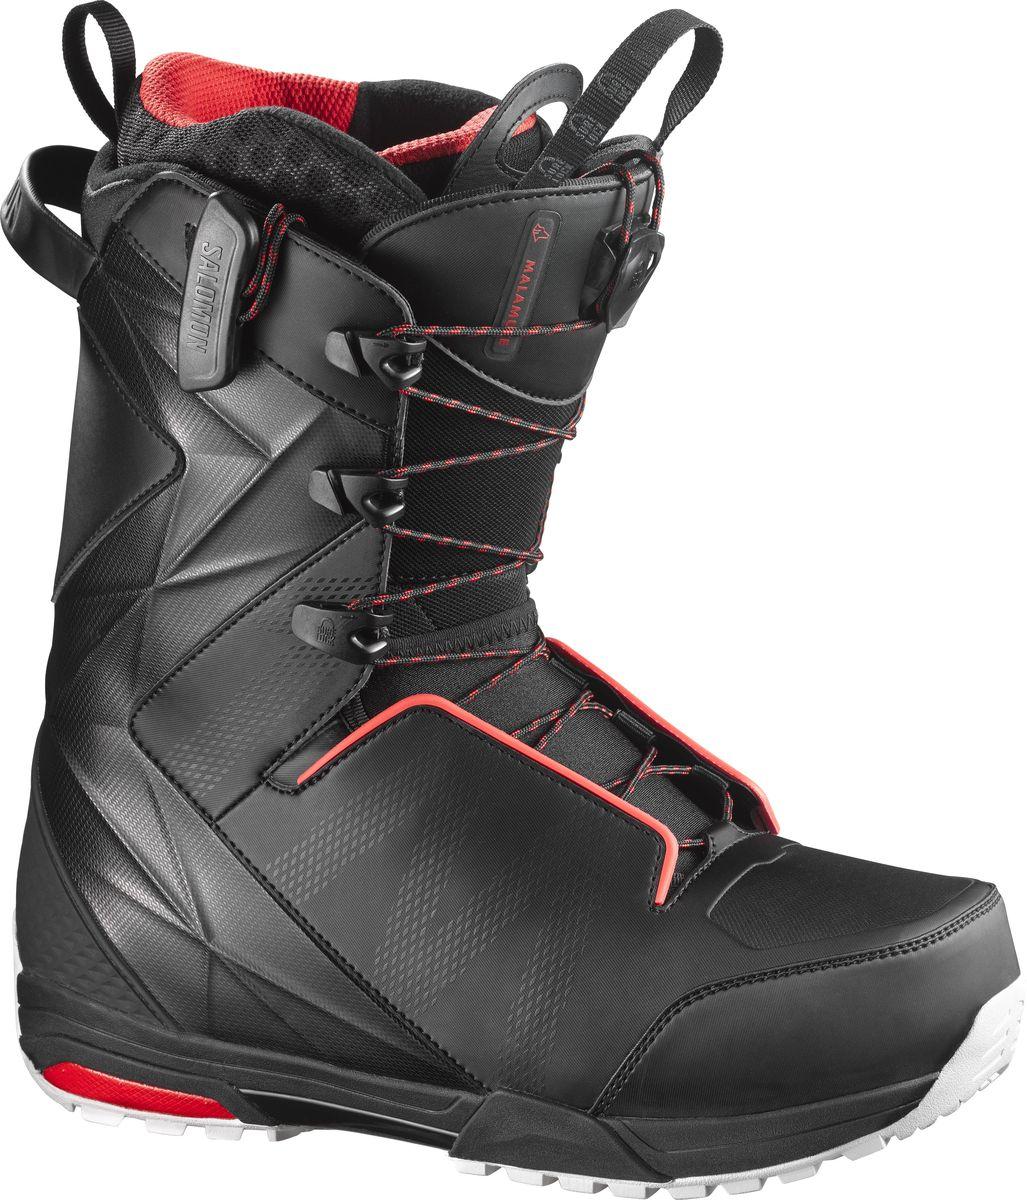 Ботинки для сноуборда Salomon Malamute, цвет: черный. Размер 27,5 (42)L39359500Самые гибкие ботинки для сноубординга Salomon Malamute с непревзойденной поддержкой поставляются в комплекте с новой стелькой двойной плотности Ortholite C3, которую отличают пена с эффектом памяти и пяточная чашка из сополимера EVA, и внутренним ботинком Platinum 4D для максимально комфортного катания. Встроенный ремешок задника Integrated Heel-Strap, вставка Power Frame и Energizer Bars обеспечивают индивидуальную и четкую посадку по ноге. В модели используются подошва Hike, гарантирующая отличное сцепление, и знаменитая шнуровка PowerLock, которая отлично фиксирует ногу.Как выбрать сноуборд. Статья OZON Гид